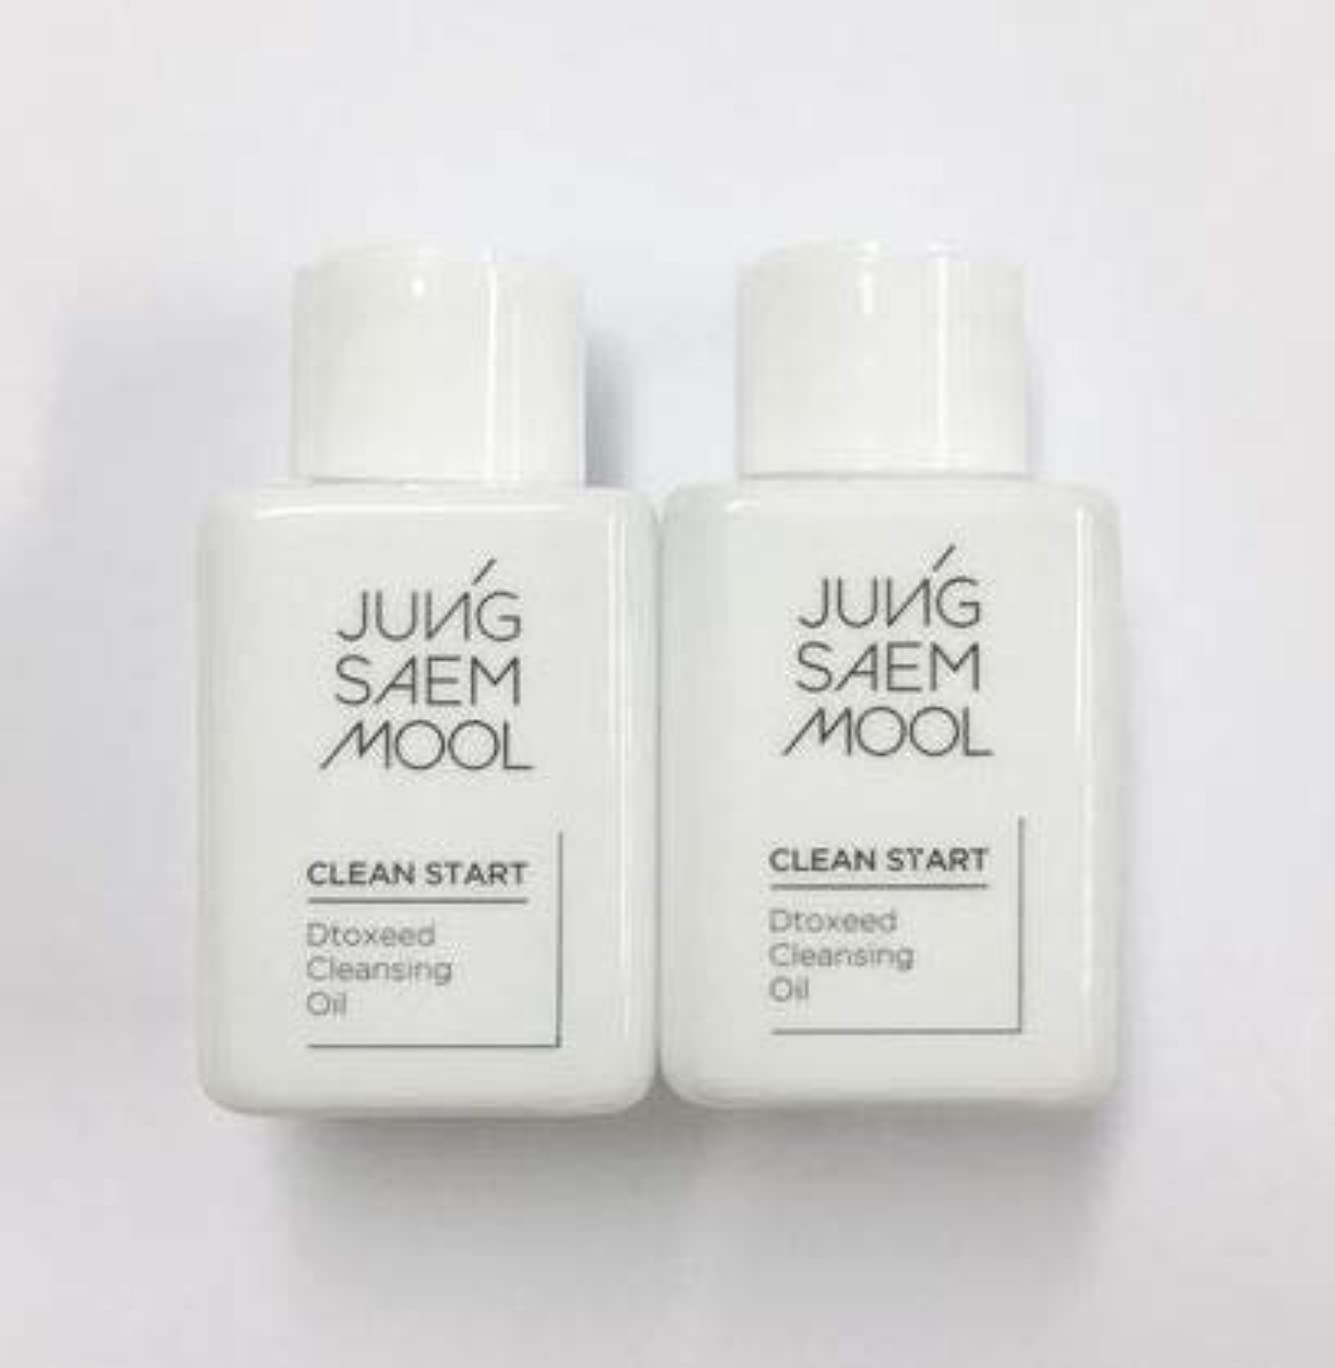 下品人気の予防接種JUNG SAEM MOOL Clean Start Dtoxeed Cleansing Oil_サンプル (30ml)*2ea [並行輸入品]